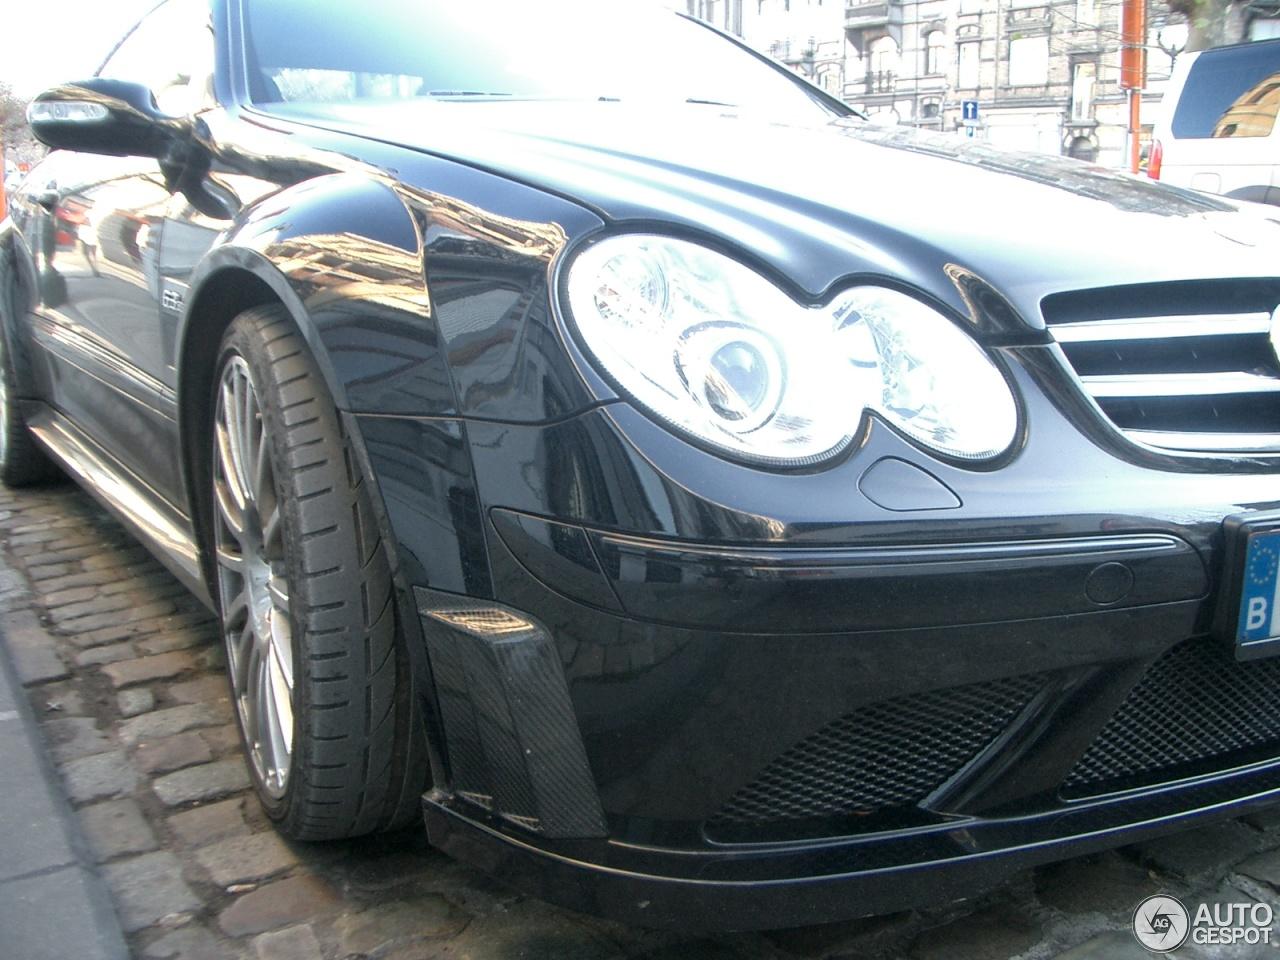 Mercedes benz clk 63 amg black series 18 dcembre 2012 for Mercedes benz clk 2012